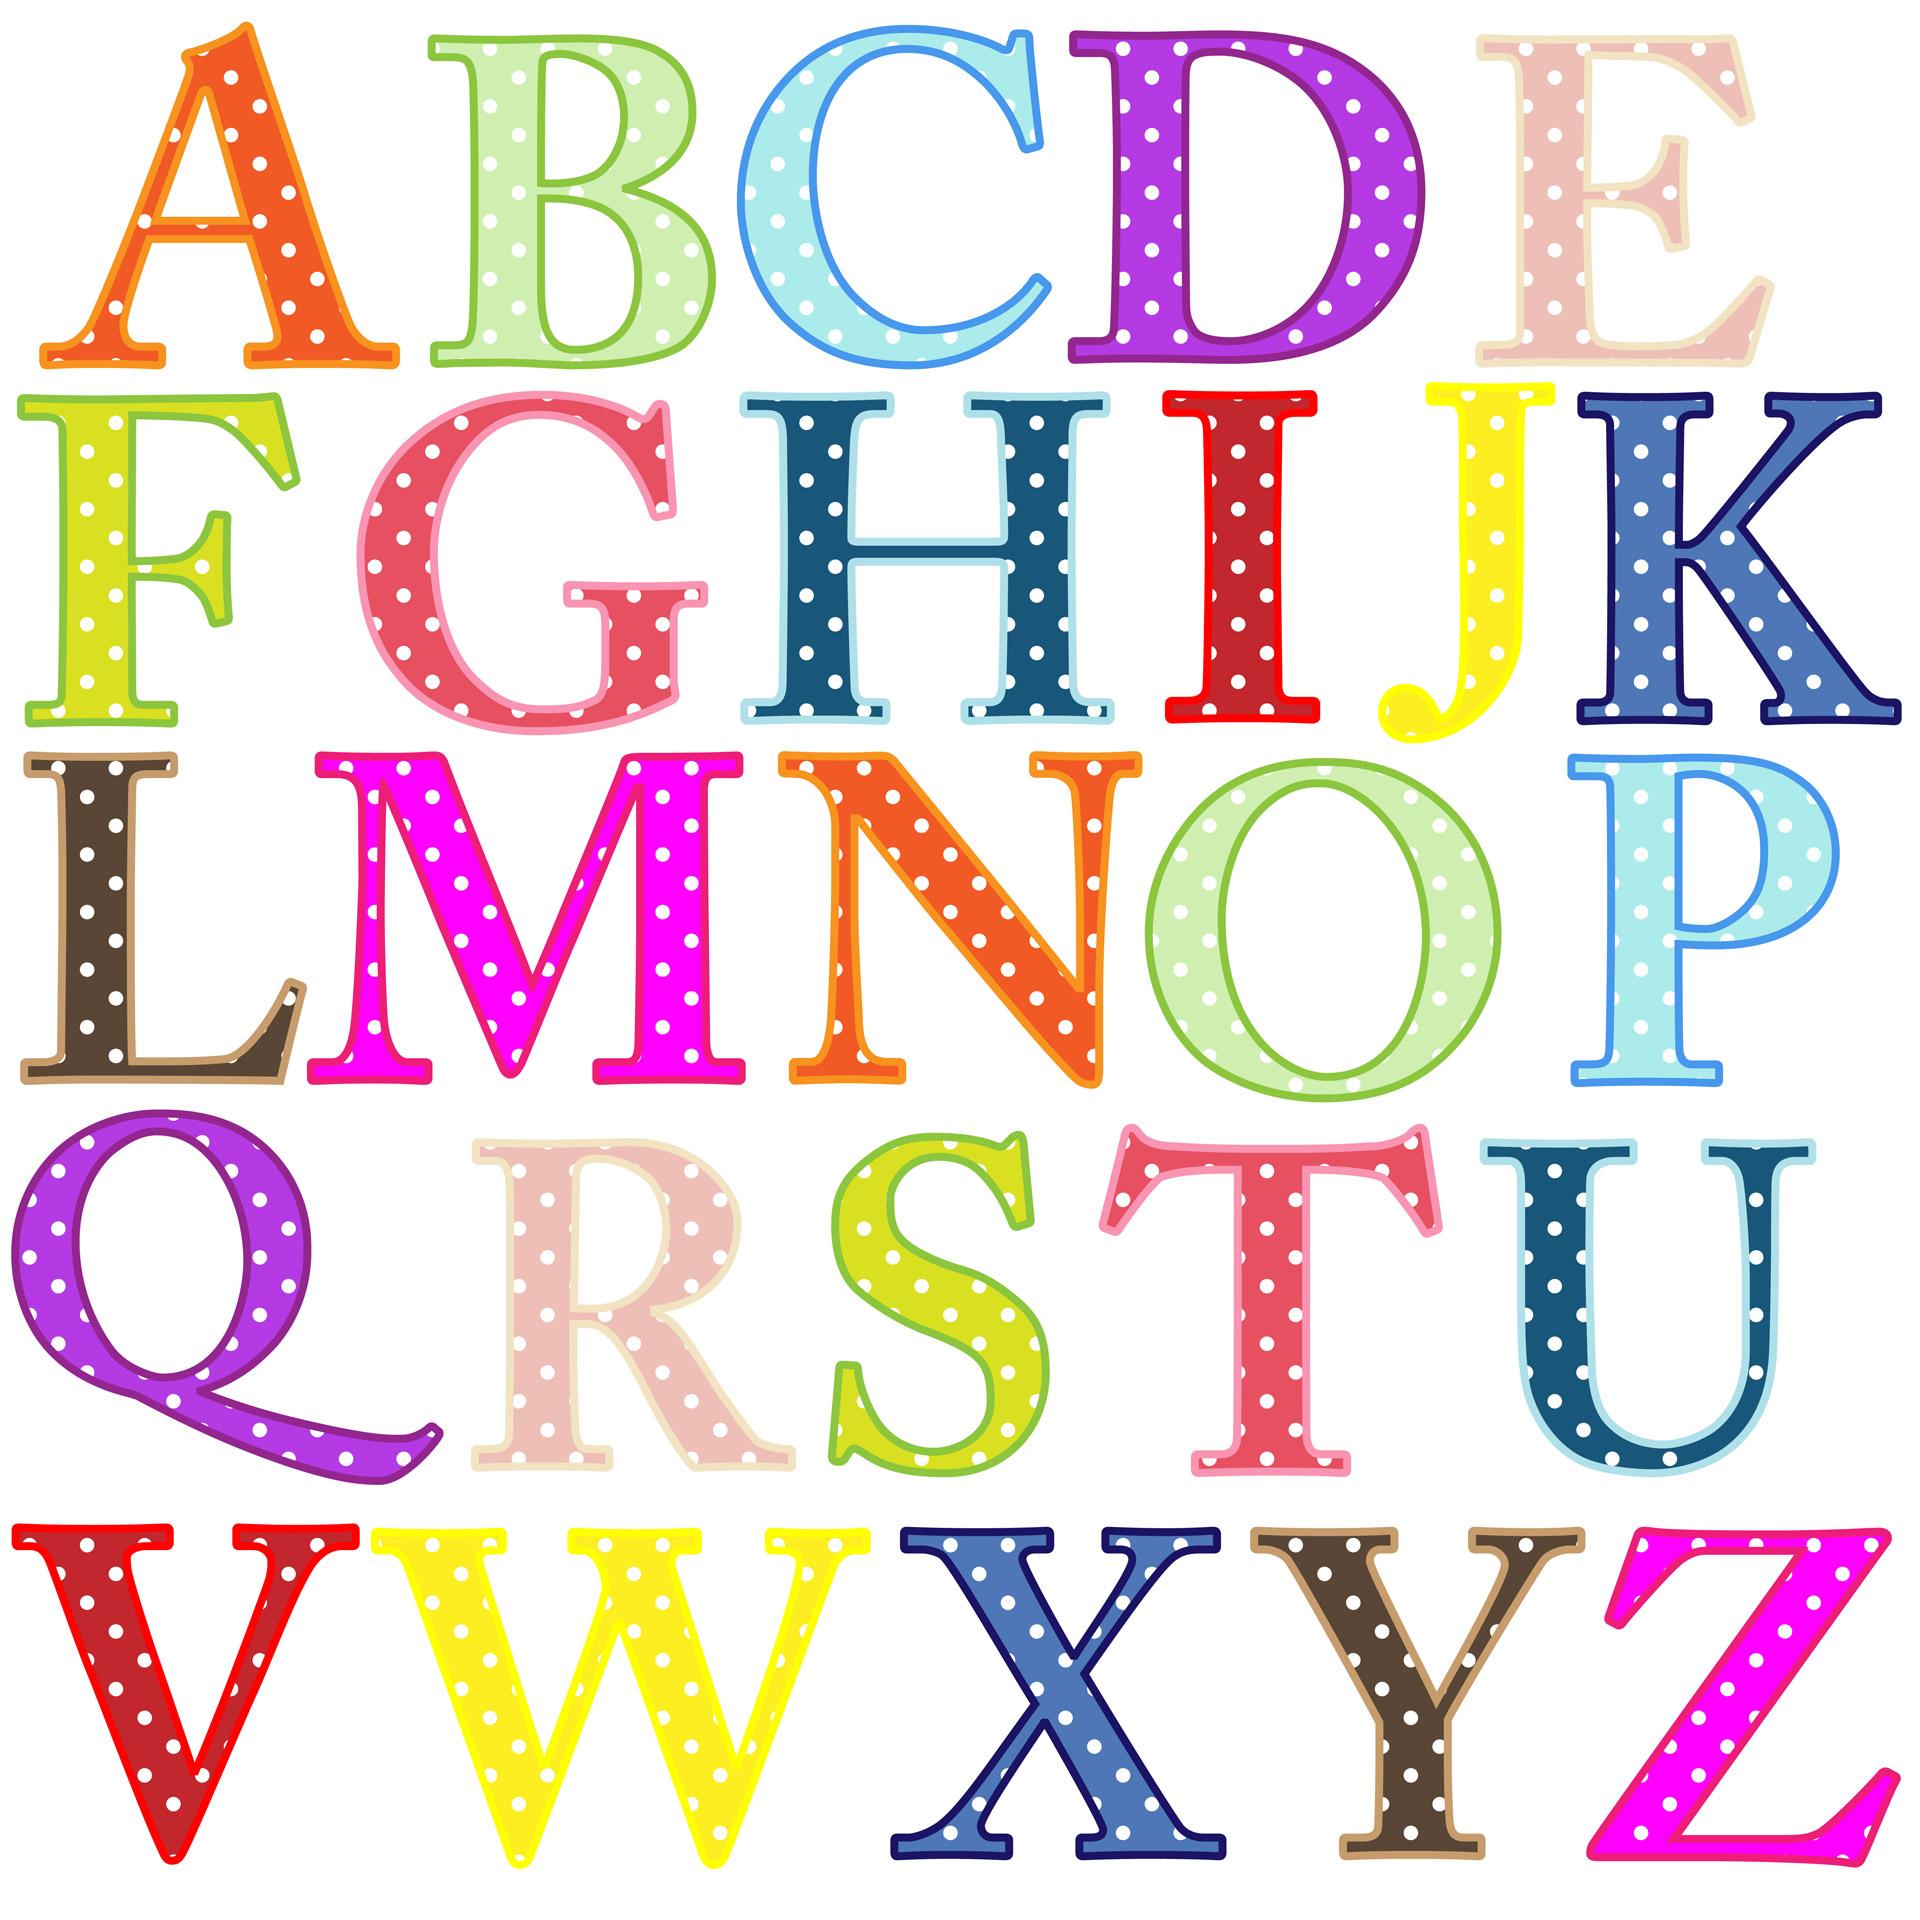 Alphabet letters clip art free stock photo public domain pictures 3